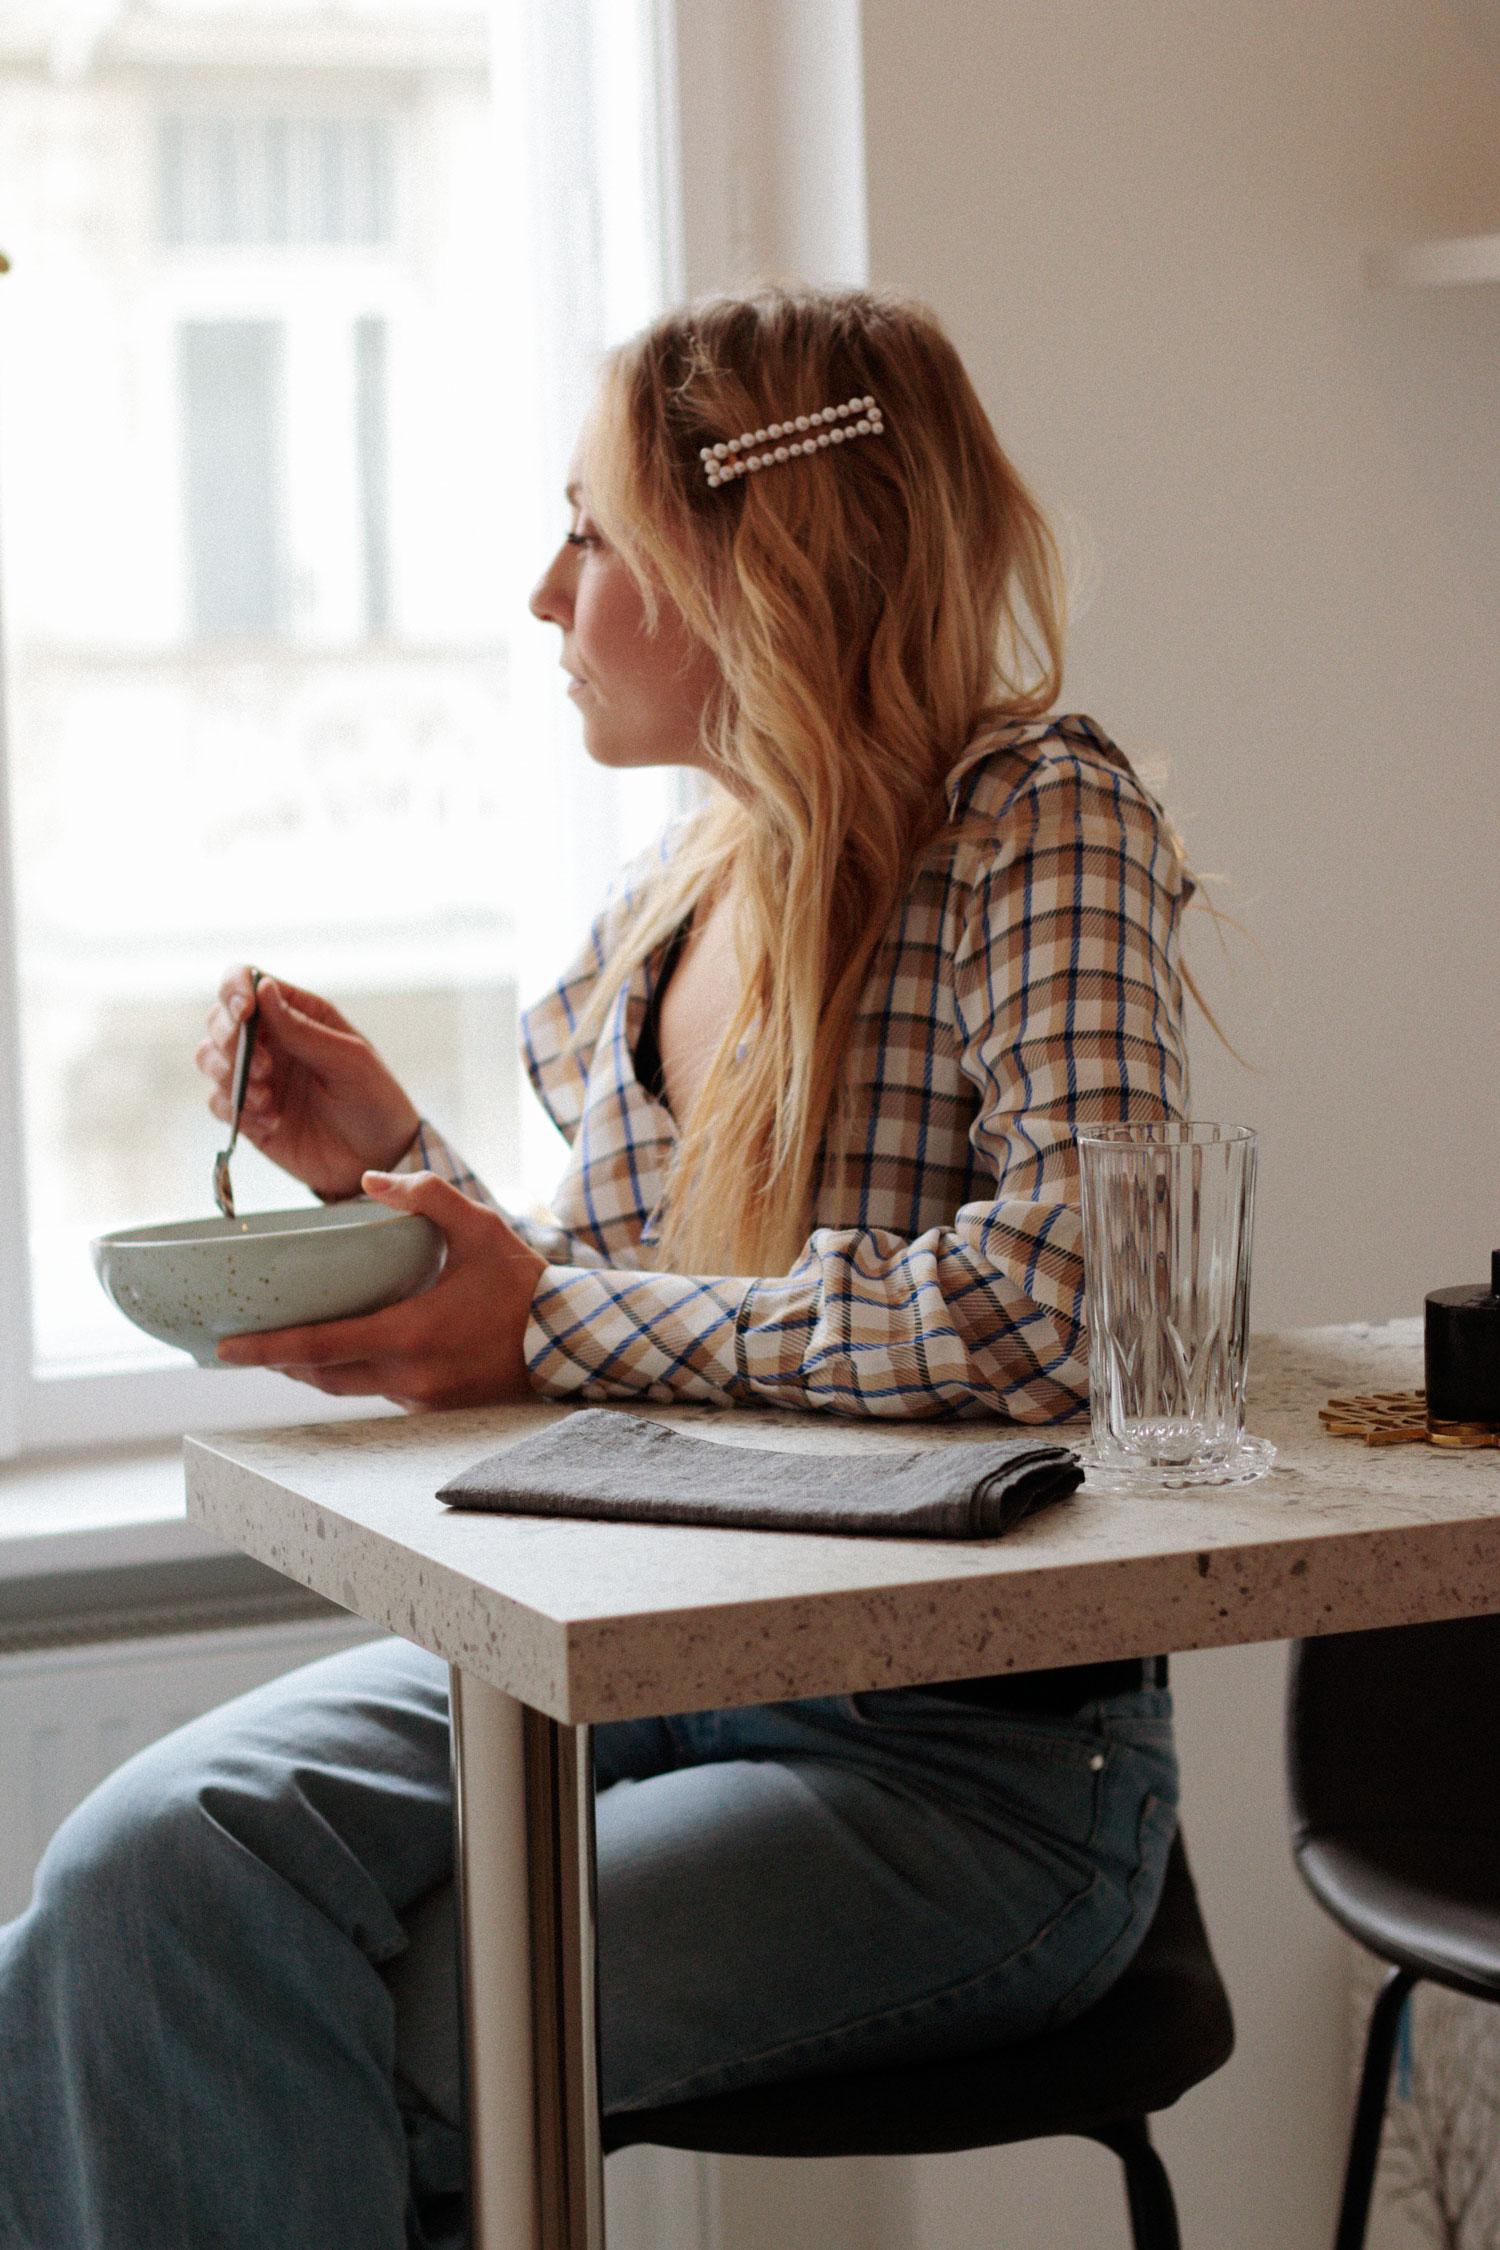 Küchenplanung Modern monochrome Kitchen - www.lesfactoryfemmes.com